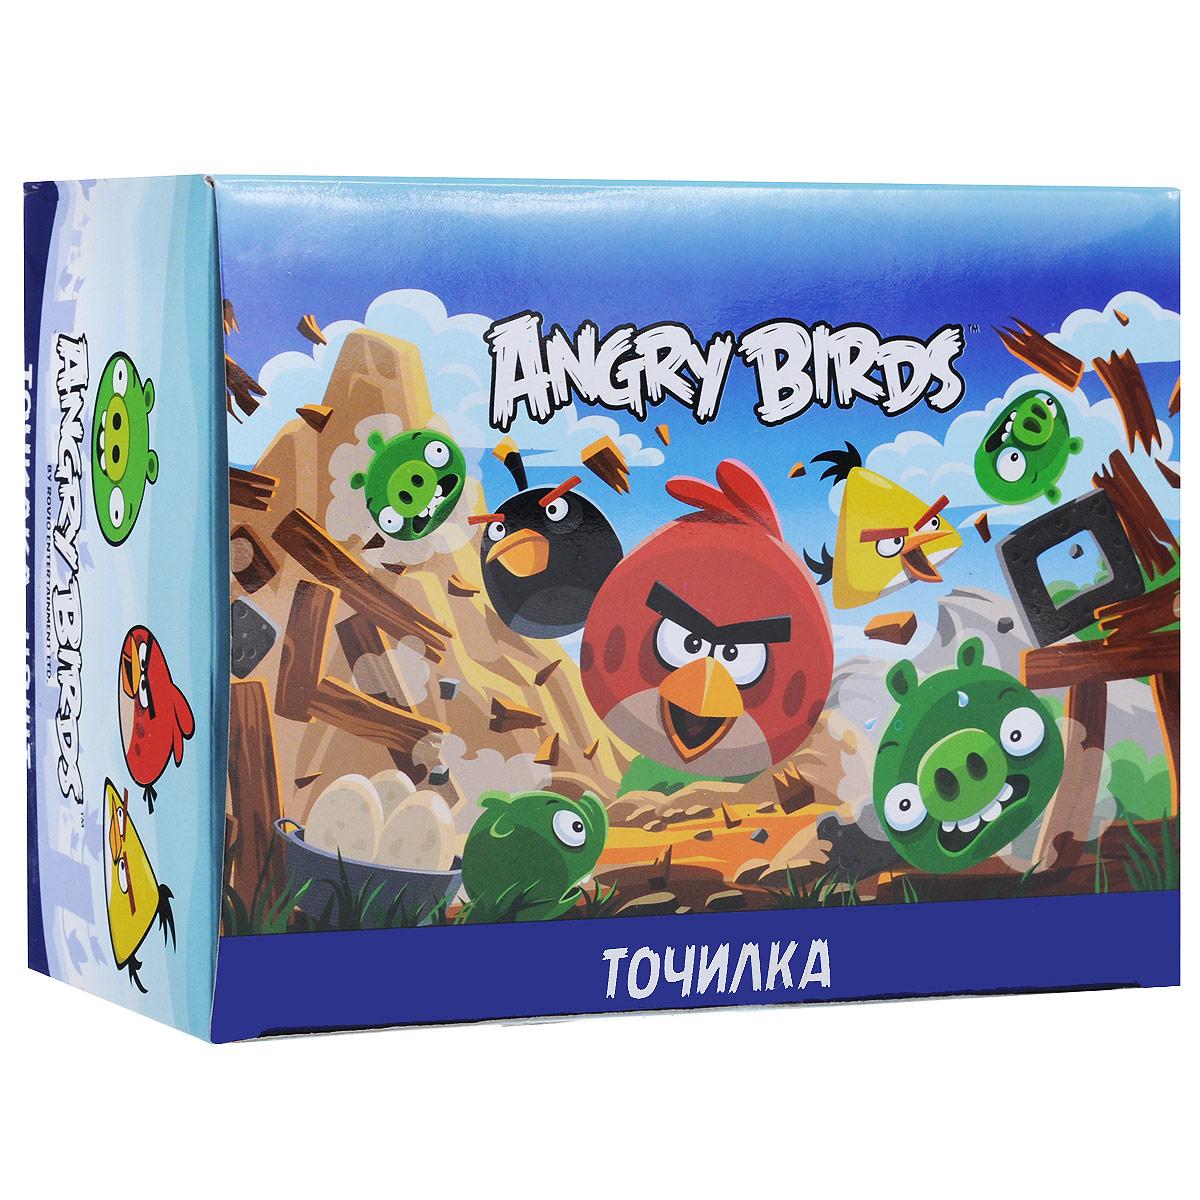 Набор точилок Angry Birds, 48 шт84404ОТочилки из набора Angry Birds предназначены для затачивания карандашей. Круглые точилки выполнены из яркого пластика. Каждая точилка оформлена изображением одного из персонажей популярной компьютерной игры Angry Birds. В наборе 48 точилок красного, прозрачного и зеленого цветов (по 16 точилок каждого цвета).